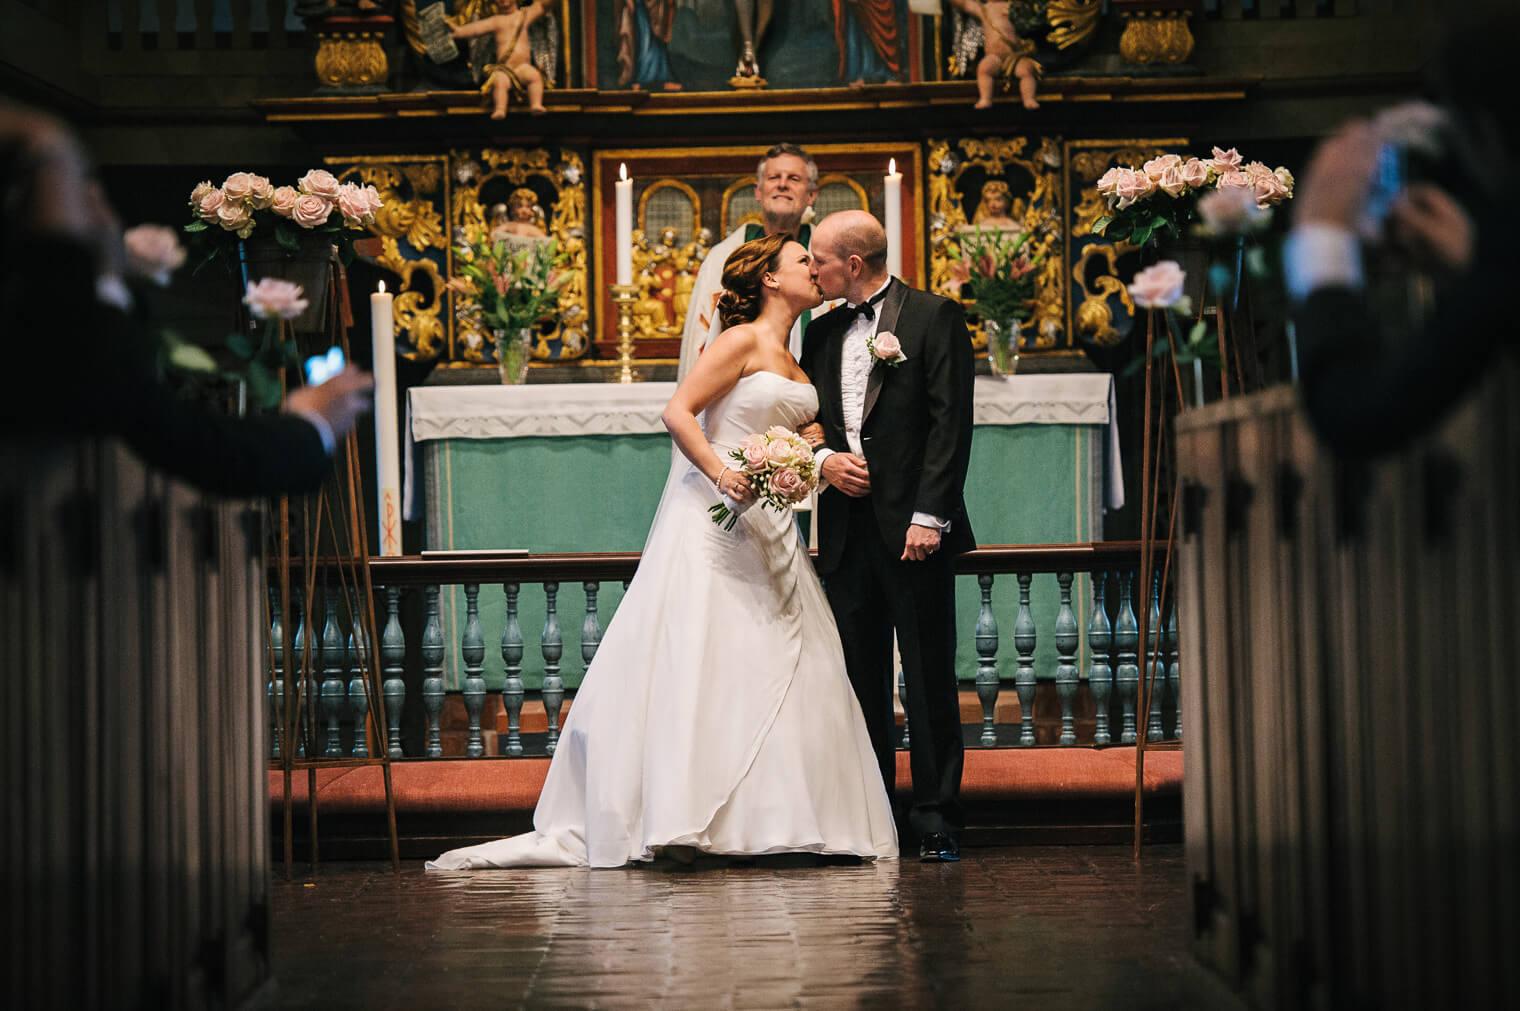 015-kyss-brudpar-onsala-kyrka.jpg